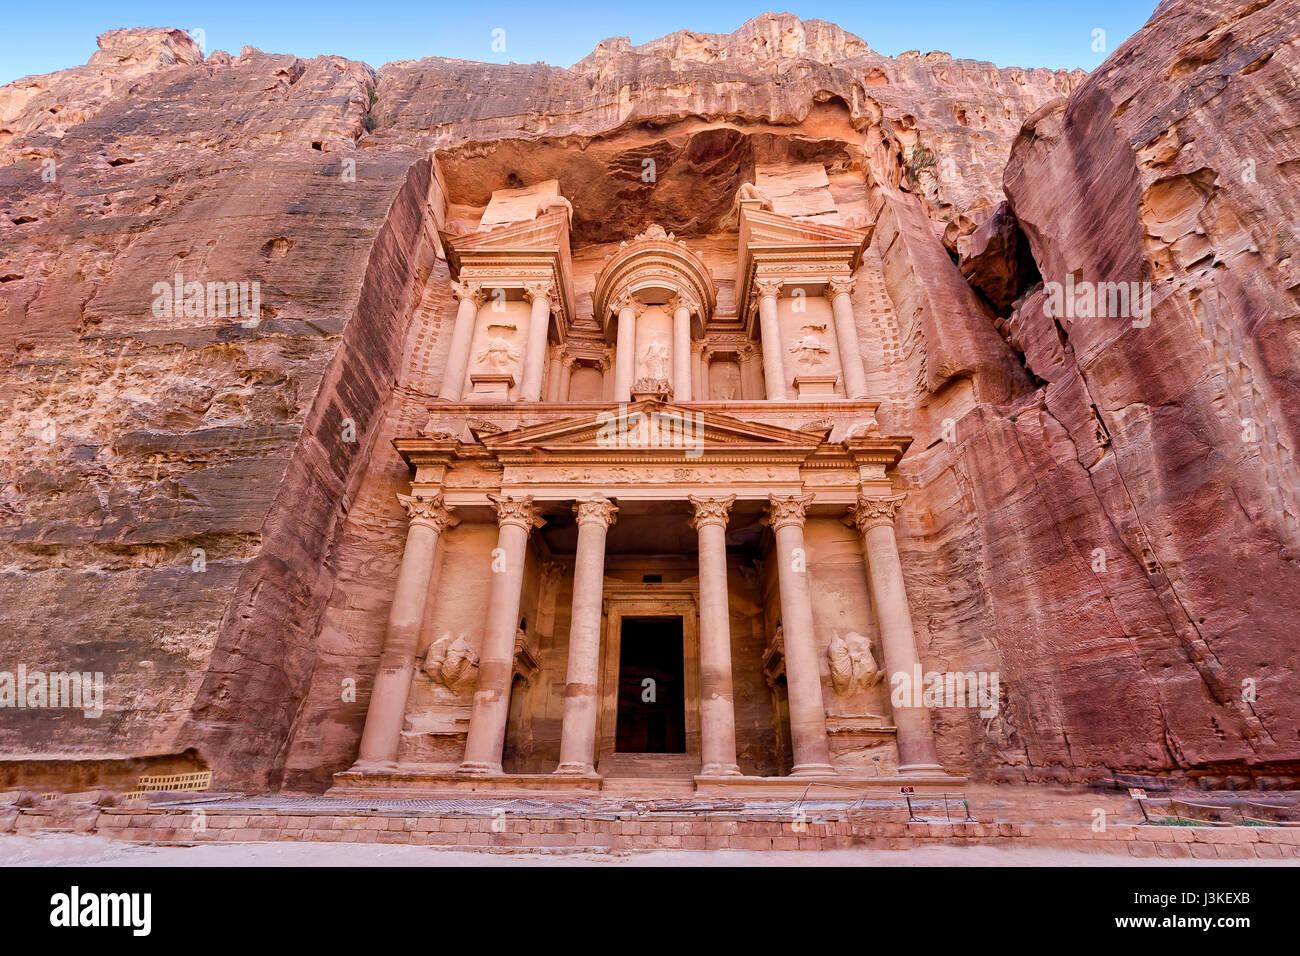 """Frontalansicht des """"The Treasury"""", eines der aufwendigsten Tempel in der antiken Stadt arabischen Nabatäer Stockbild"""